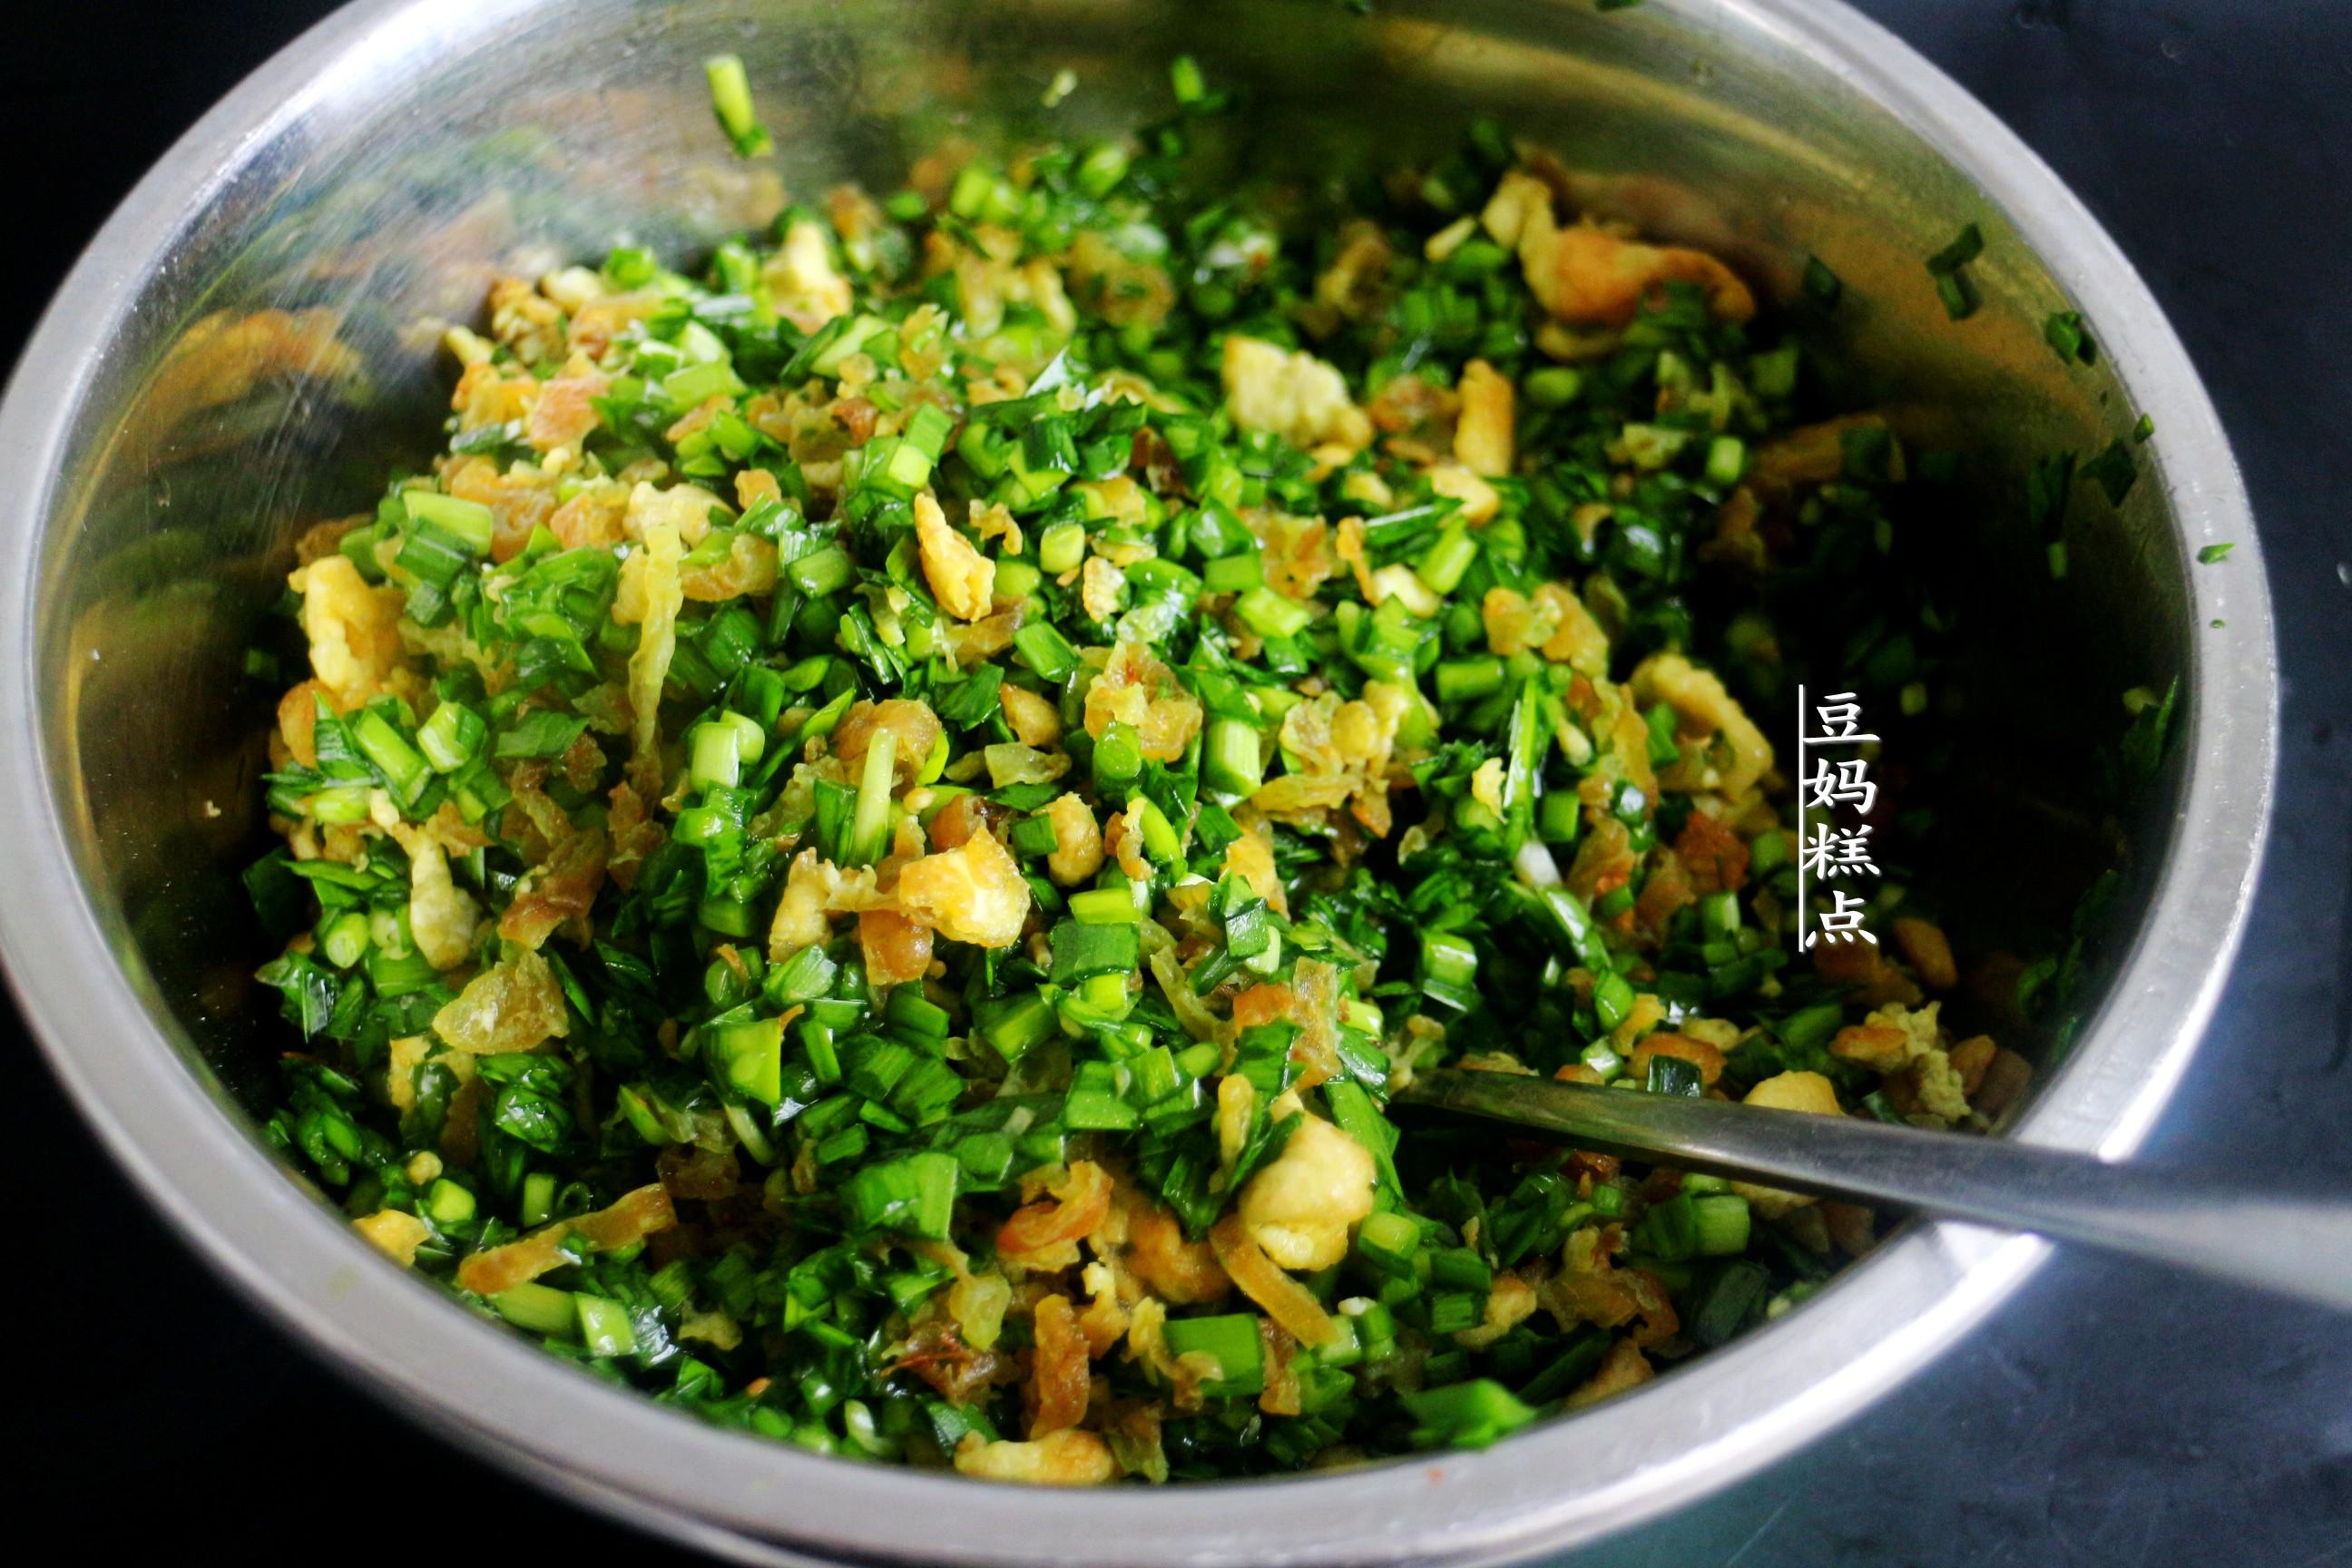 包韭菜餃子,多加這2樣,立馬好吃100倍,30多年沒吃夠